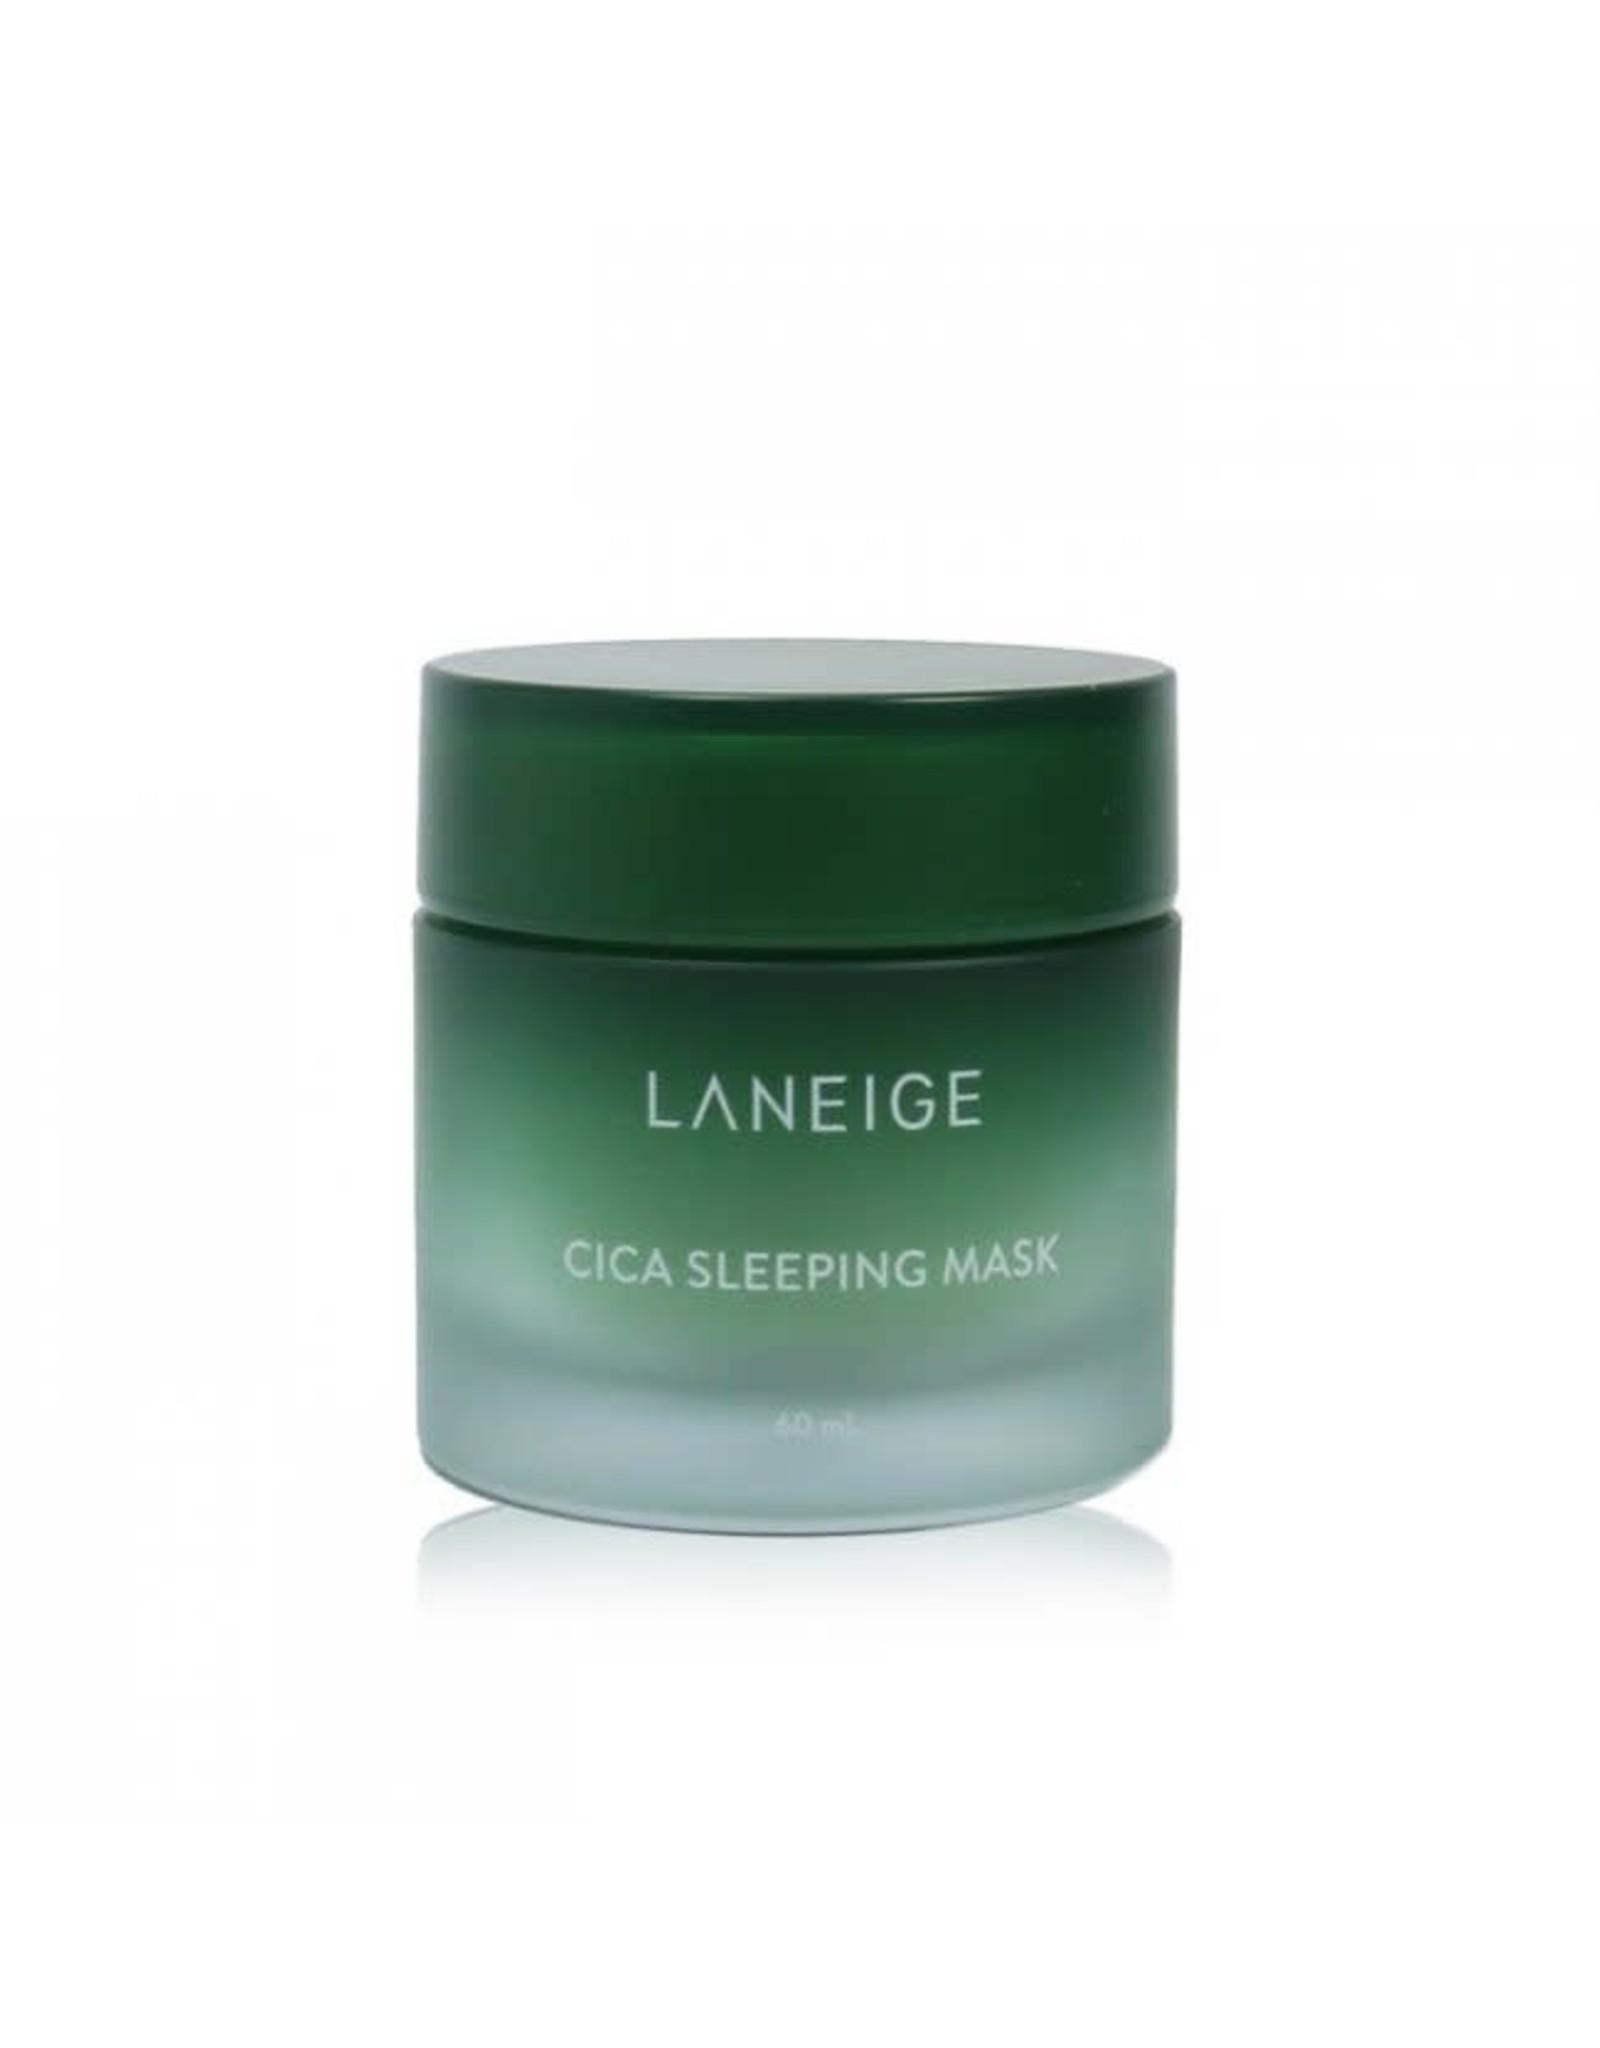 Laneige Laneige Cica Sleeping Mask 60ml